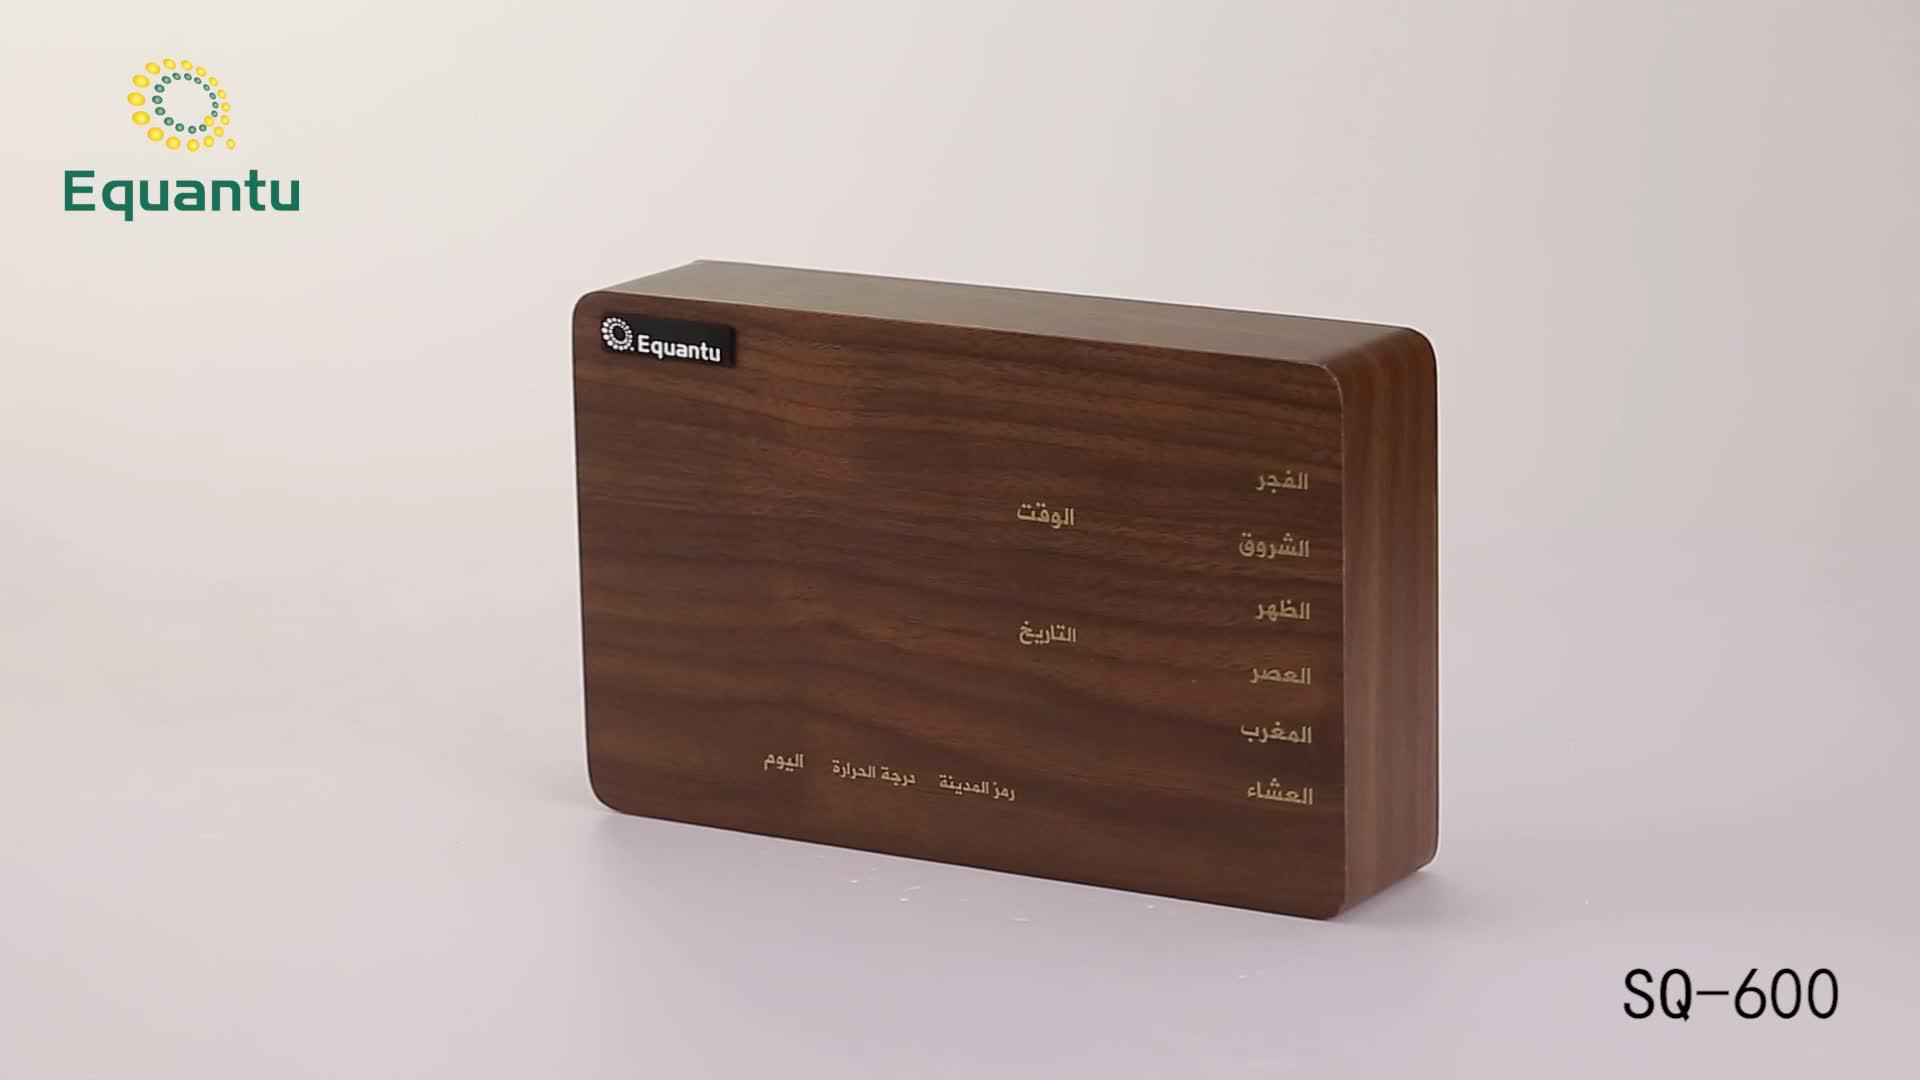 Equantu SQ600 Nieuwe houten Arabische koran speaker met azan klok draadloze bt afstandsbediening